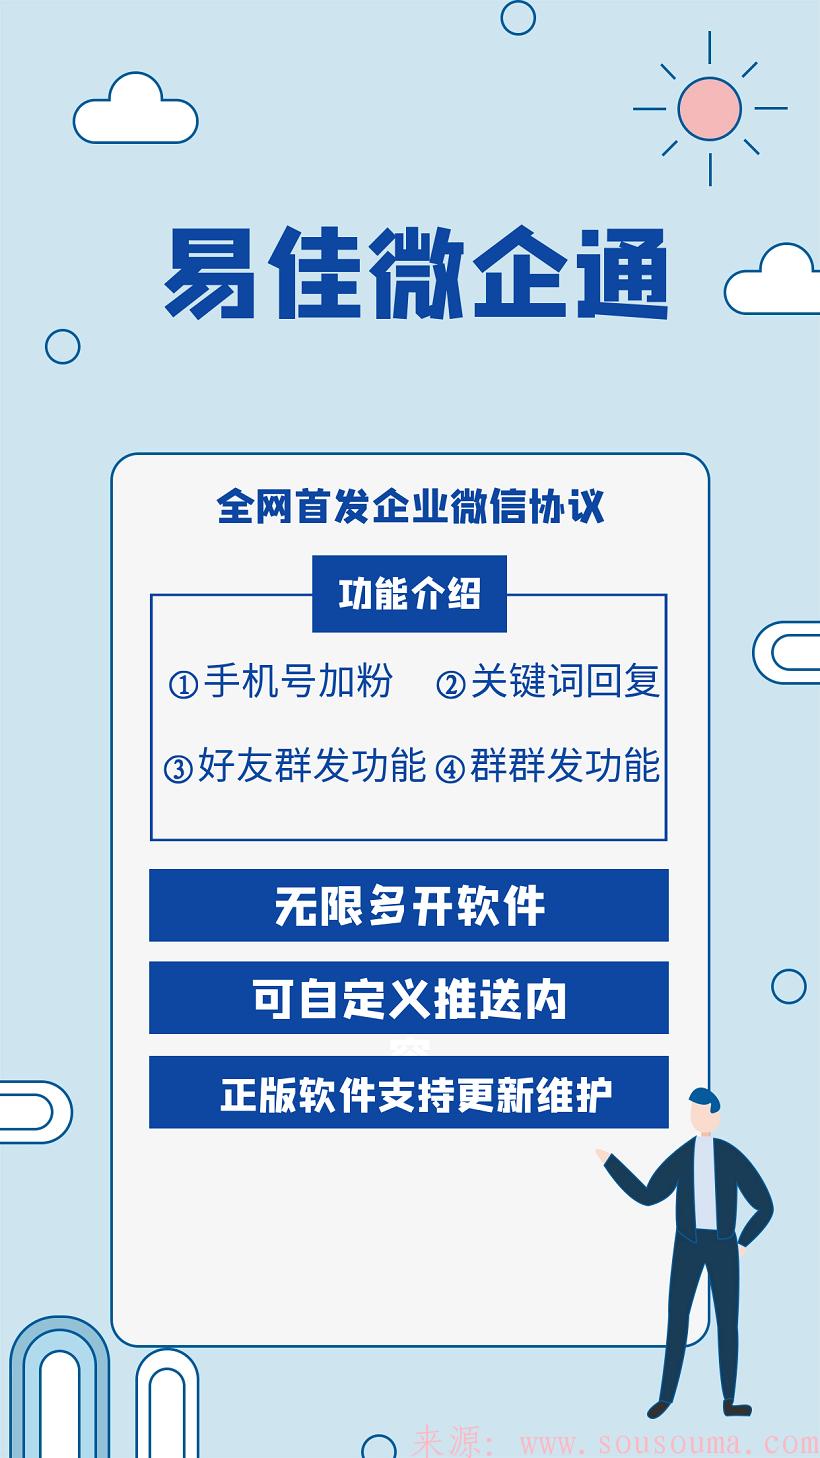 【易佳微企通官网】企业微信电脑版协议群发加人自动回复激活码授权